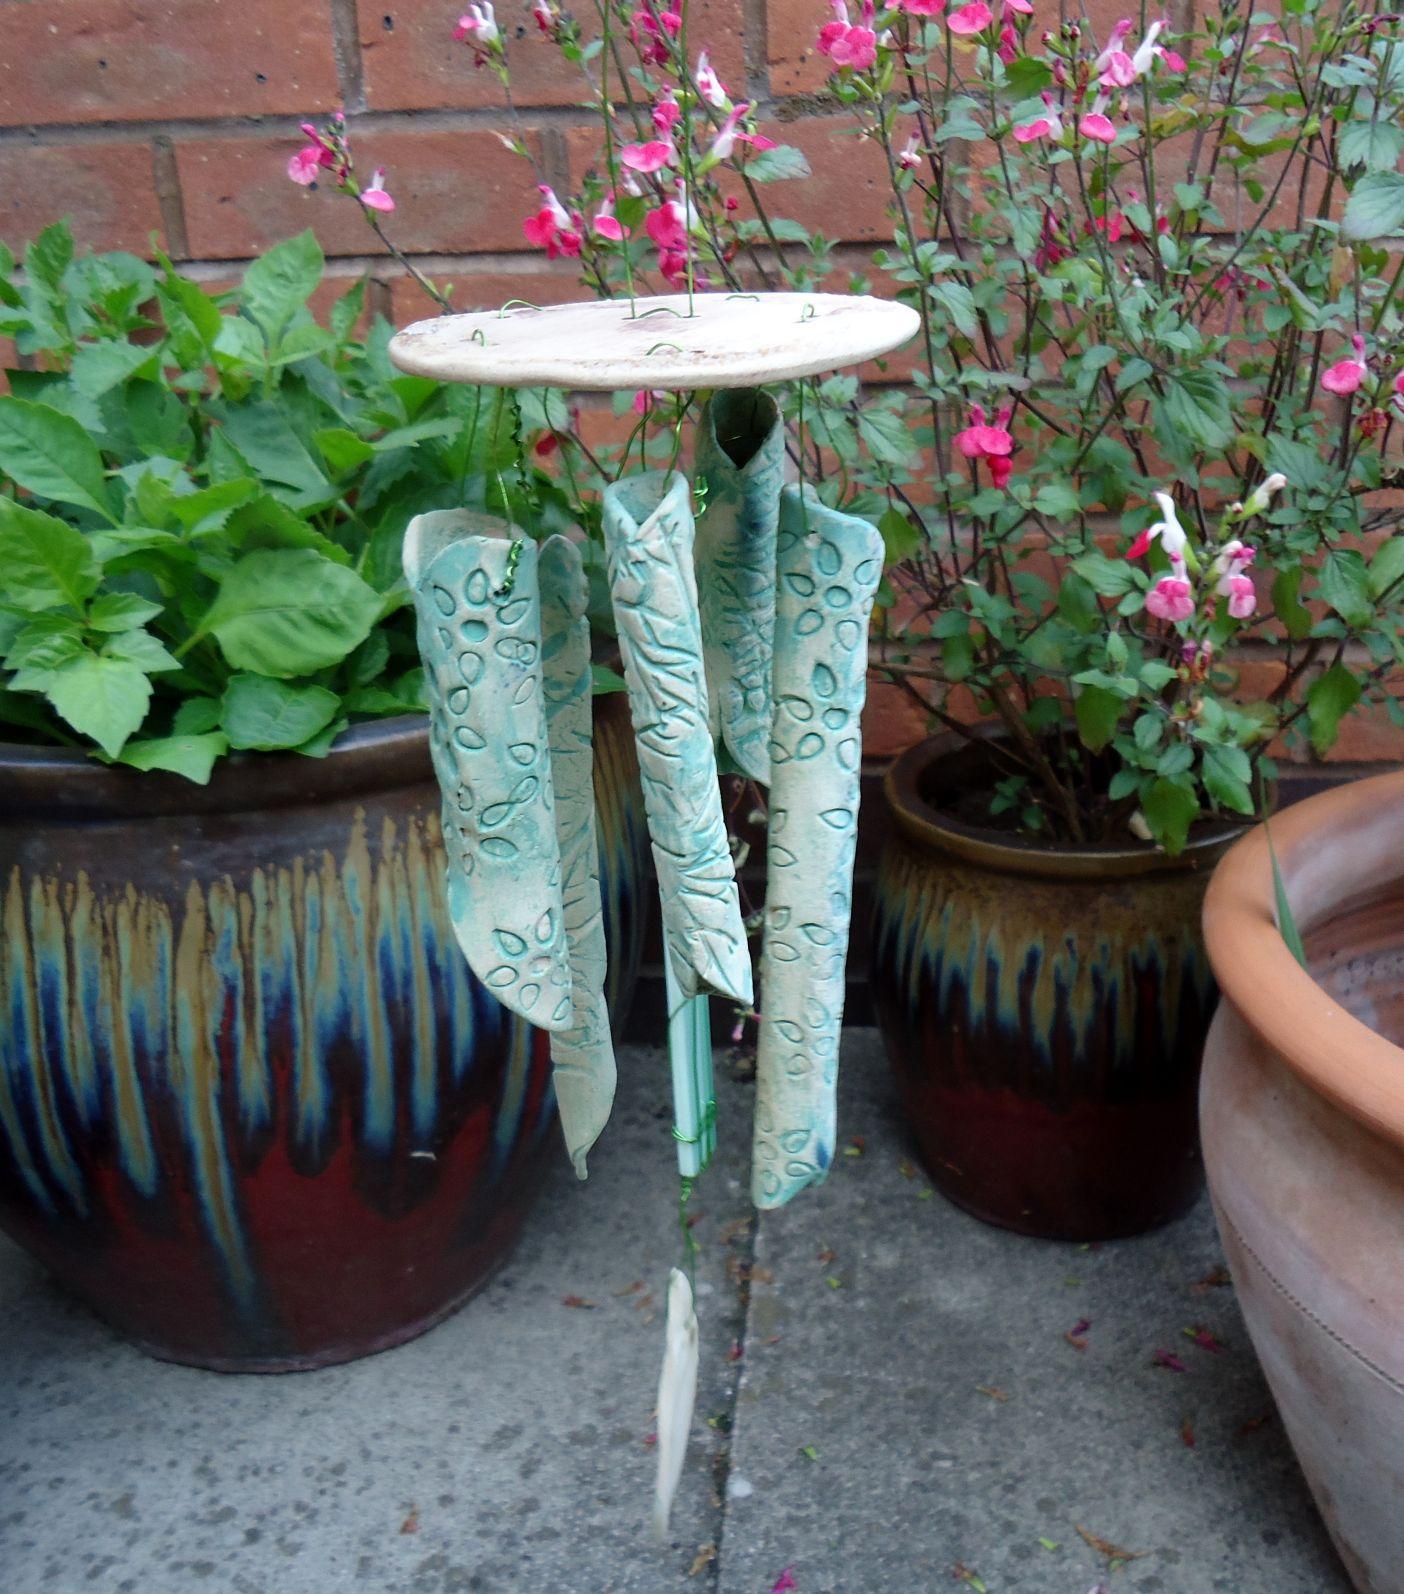 New Wind Chimes Charlotte Hupfield Ceramics